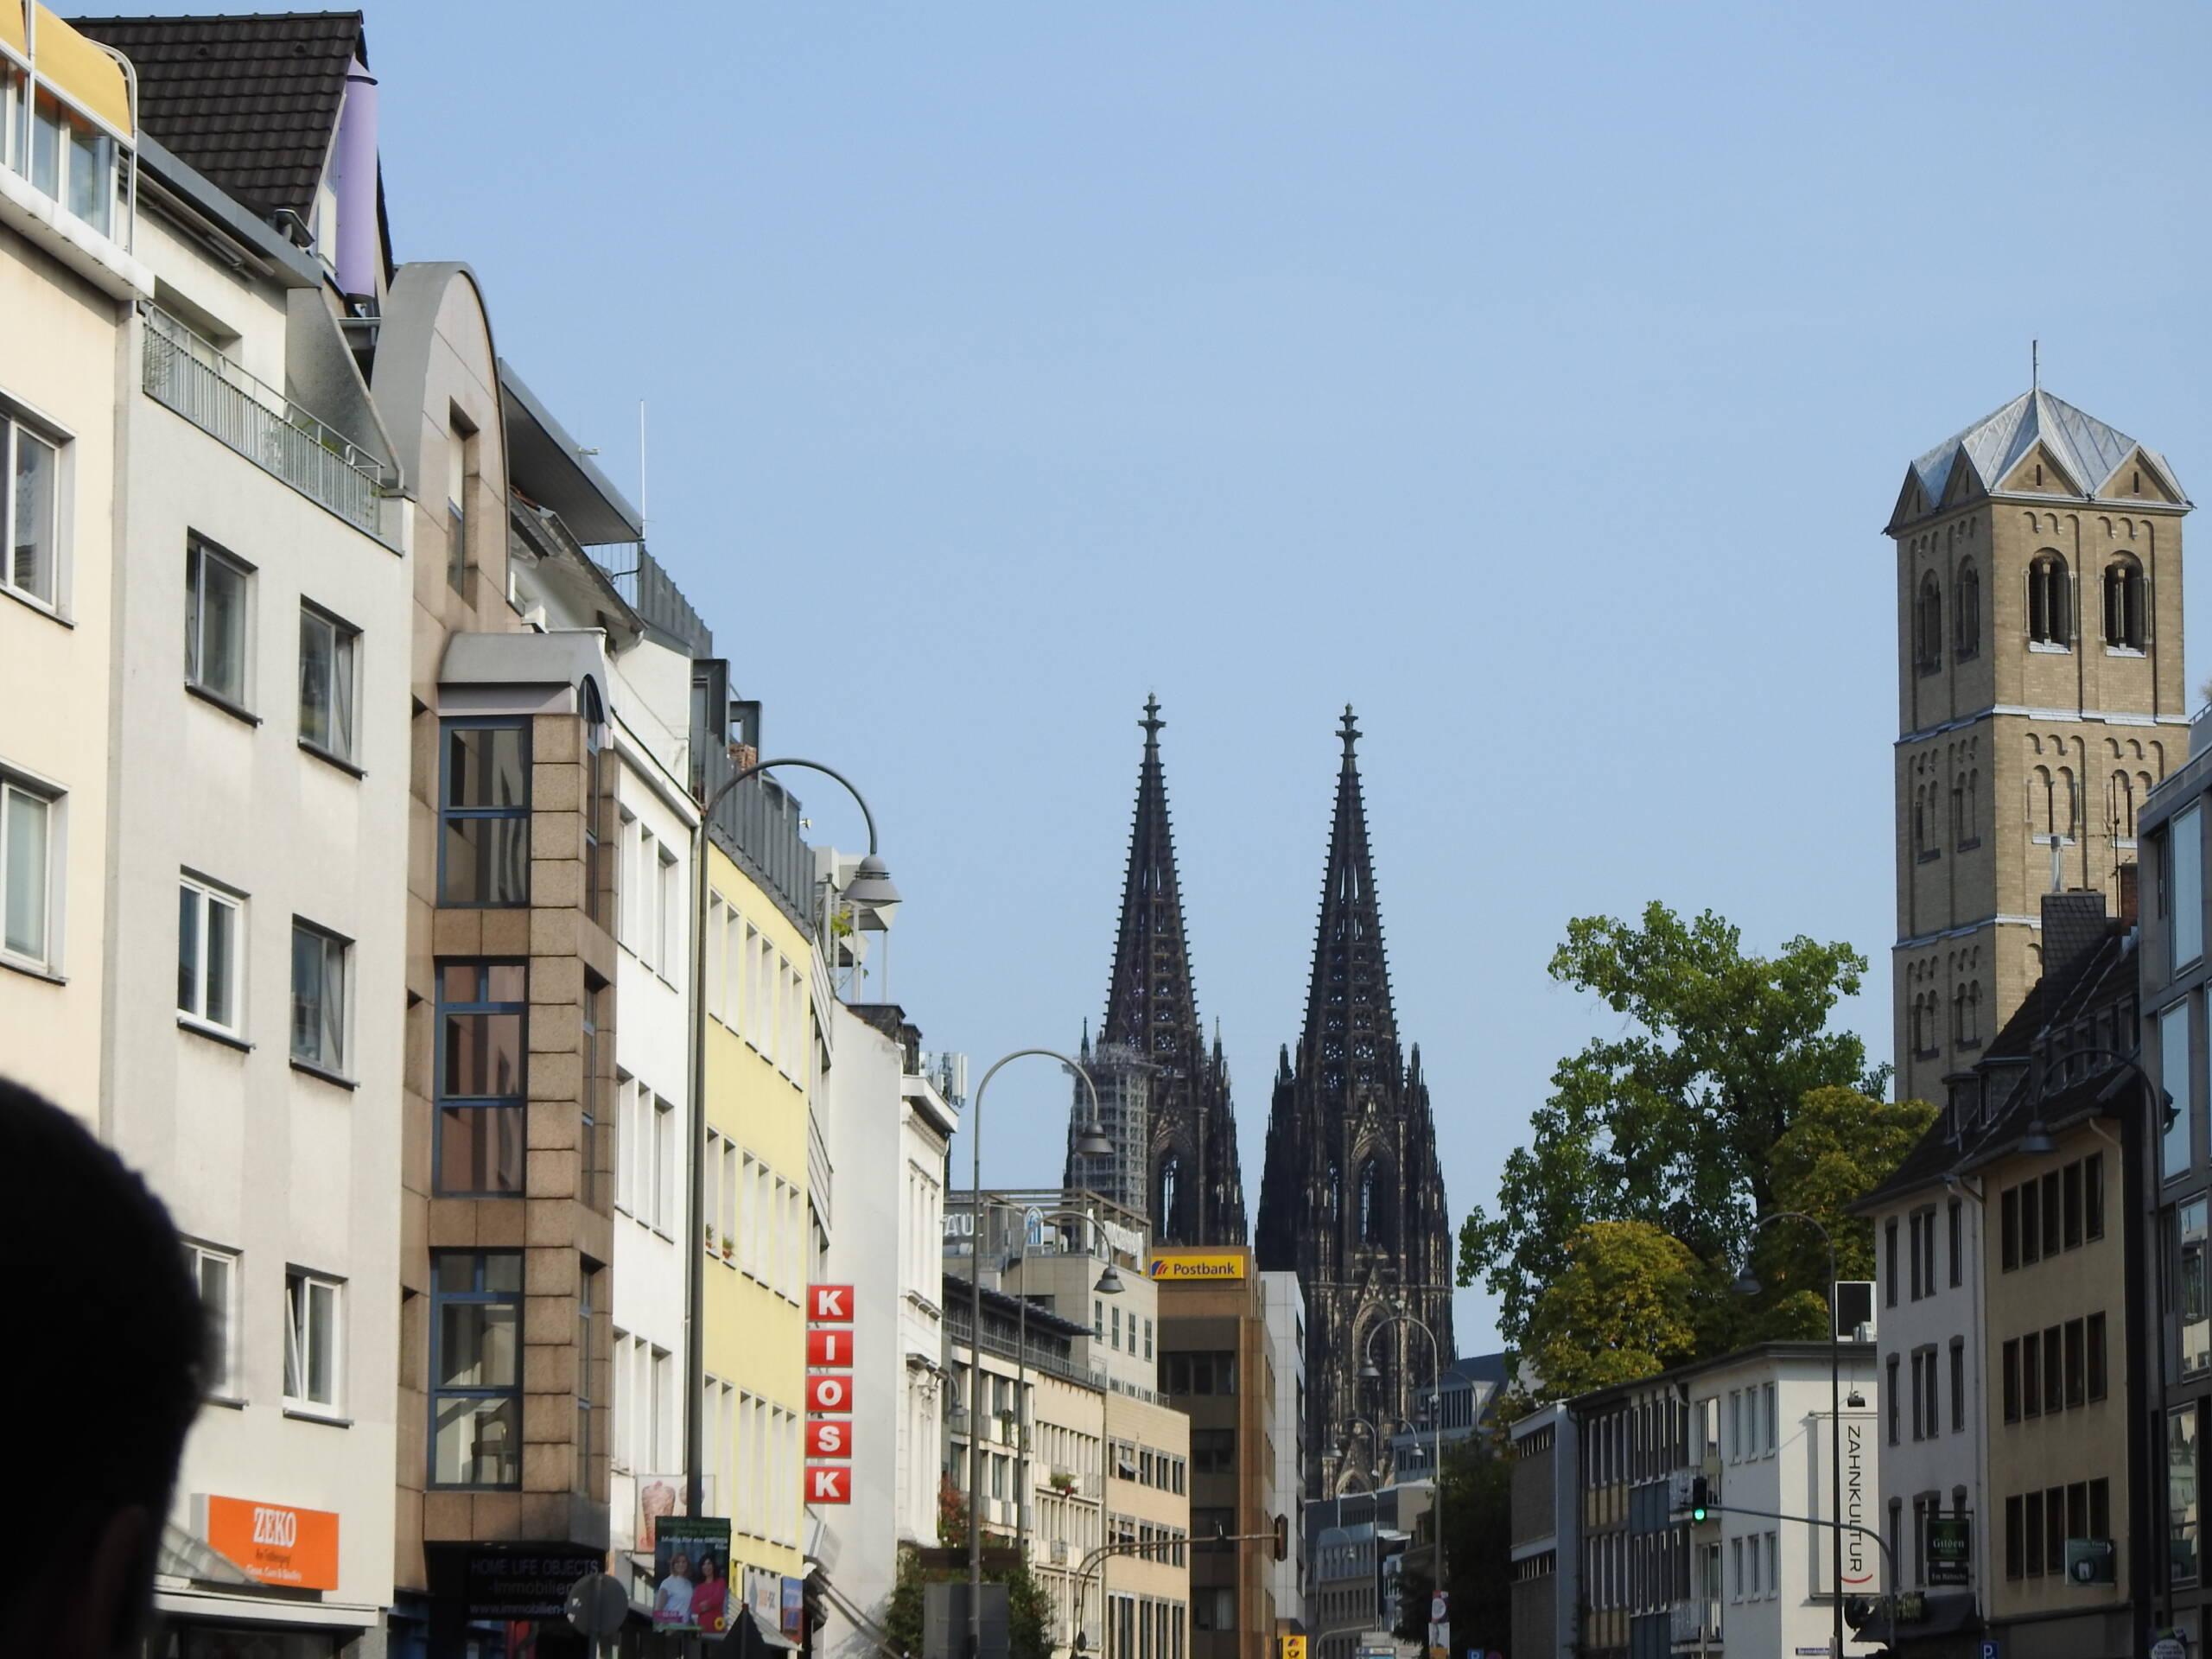 Werusys Kölner Dom